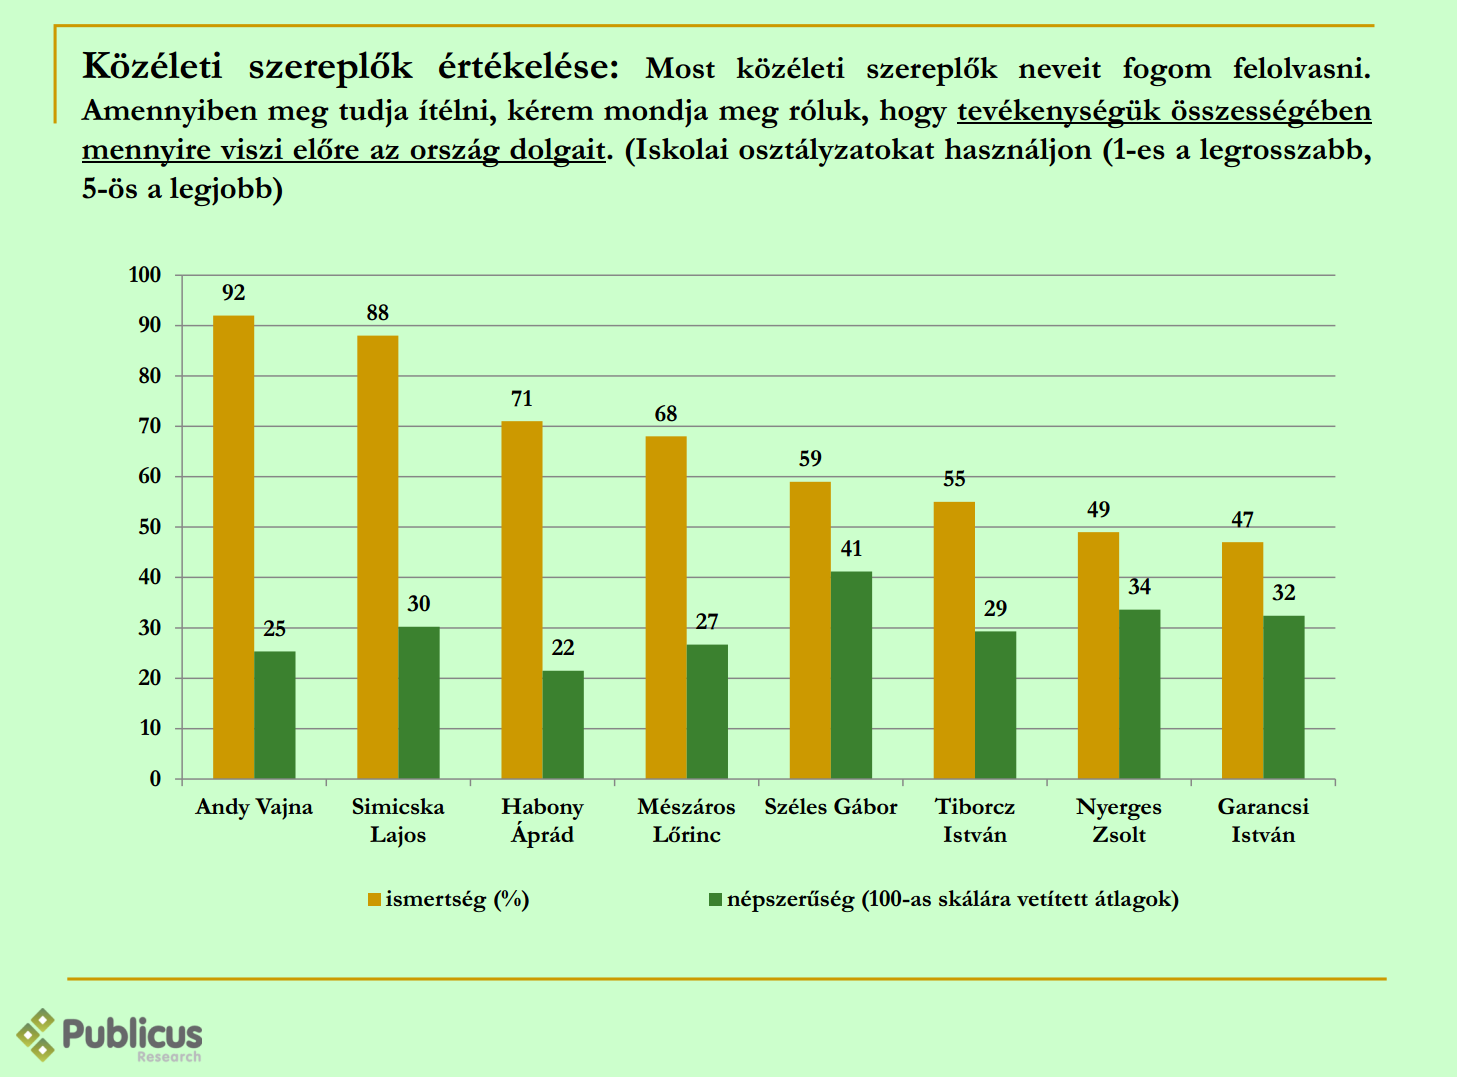 oligarcha népszerűség (Array)